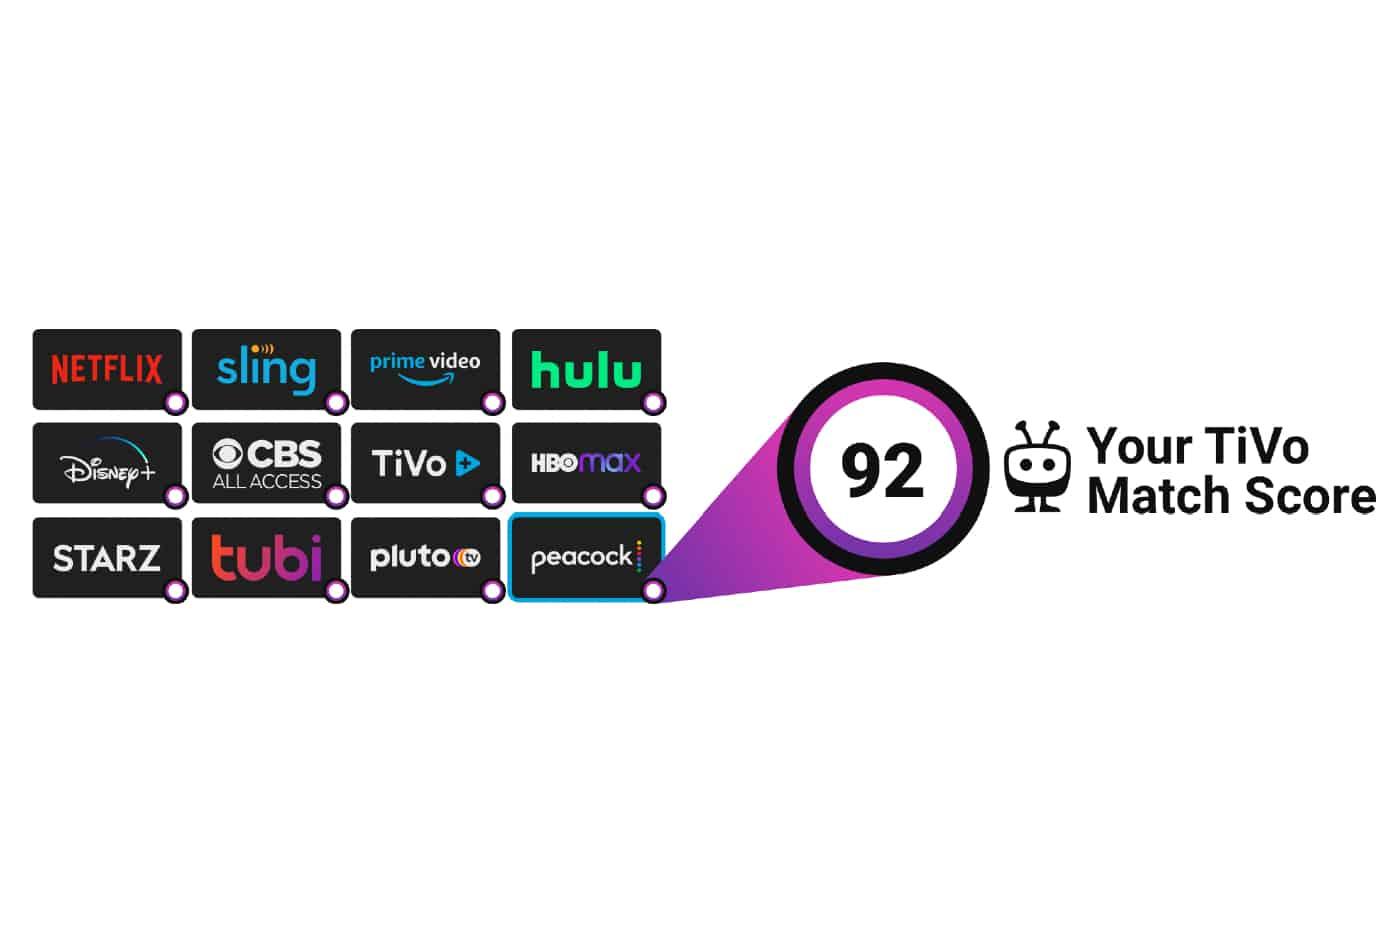 La TiVo box TV vous permettra de rassembler tout les services de streaming vidéo et de trouver le contenu vidéo qui vous correspond.